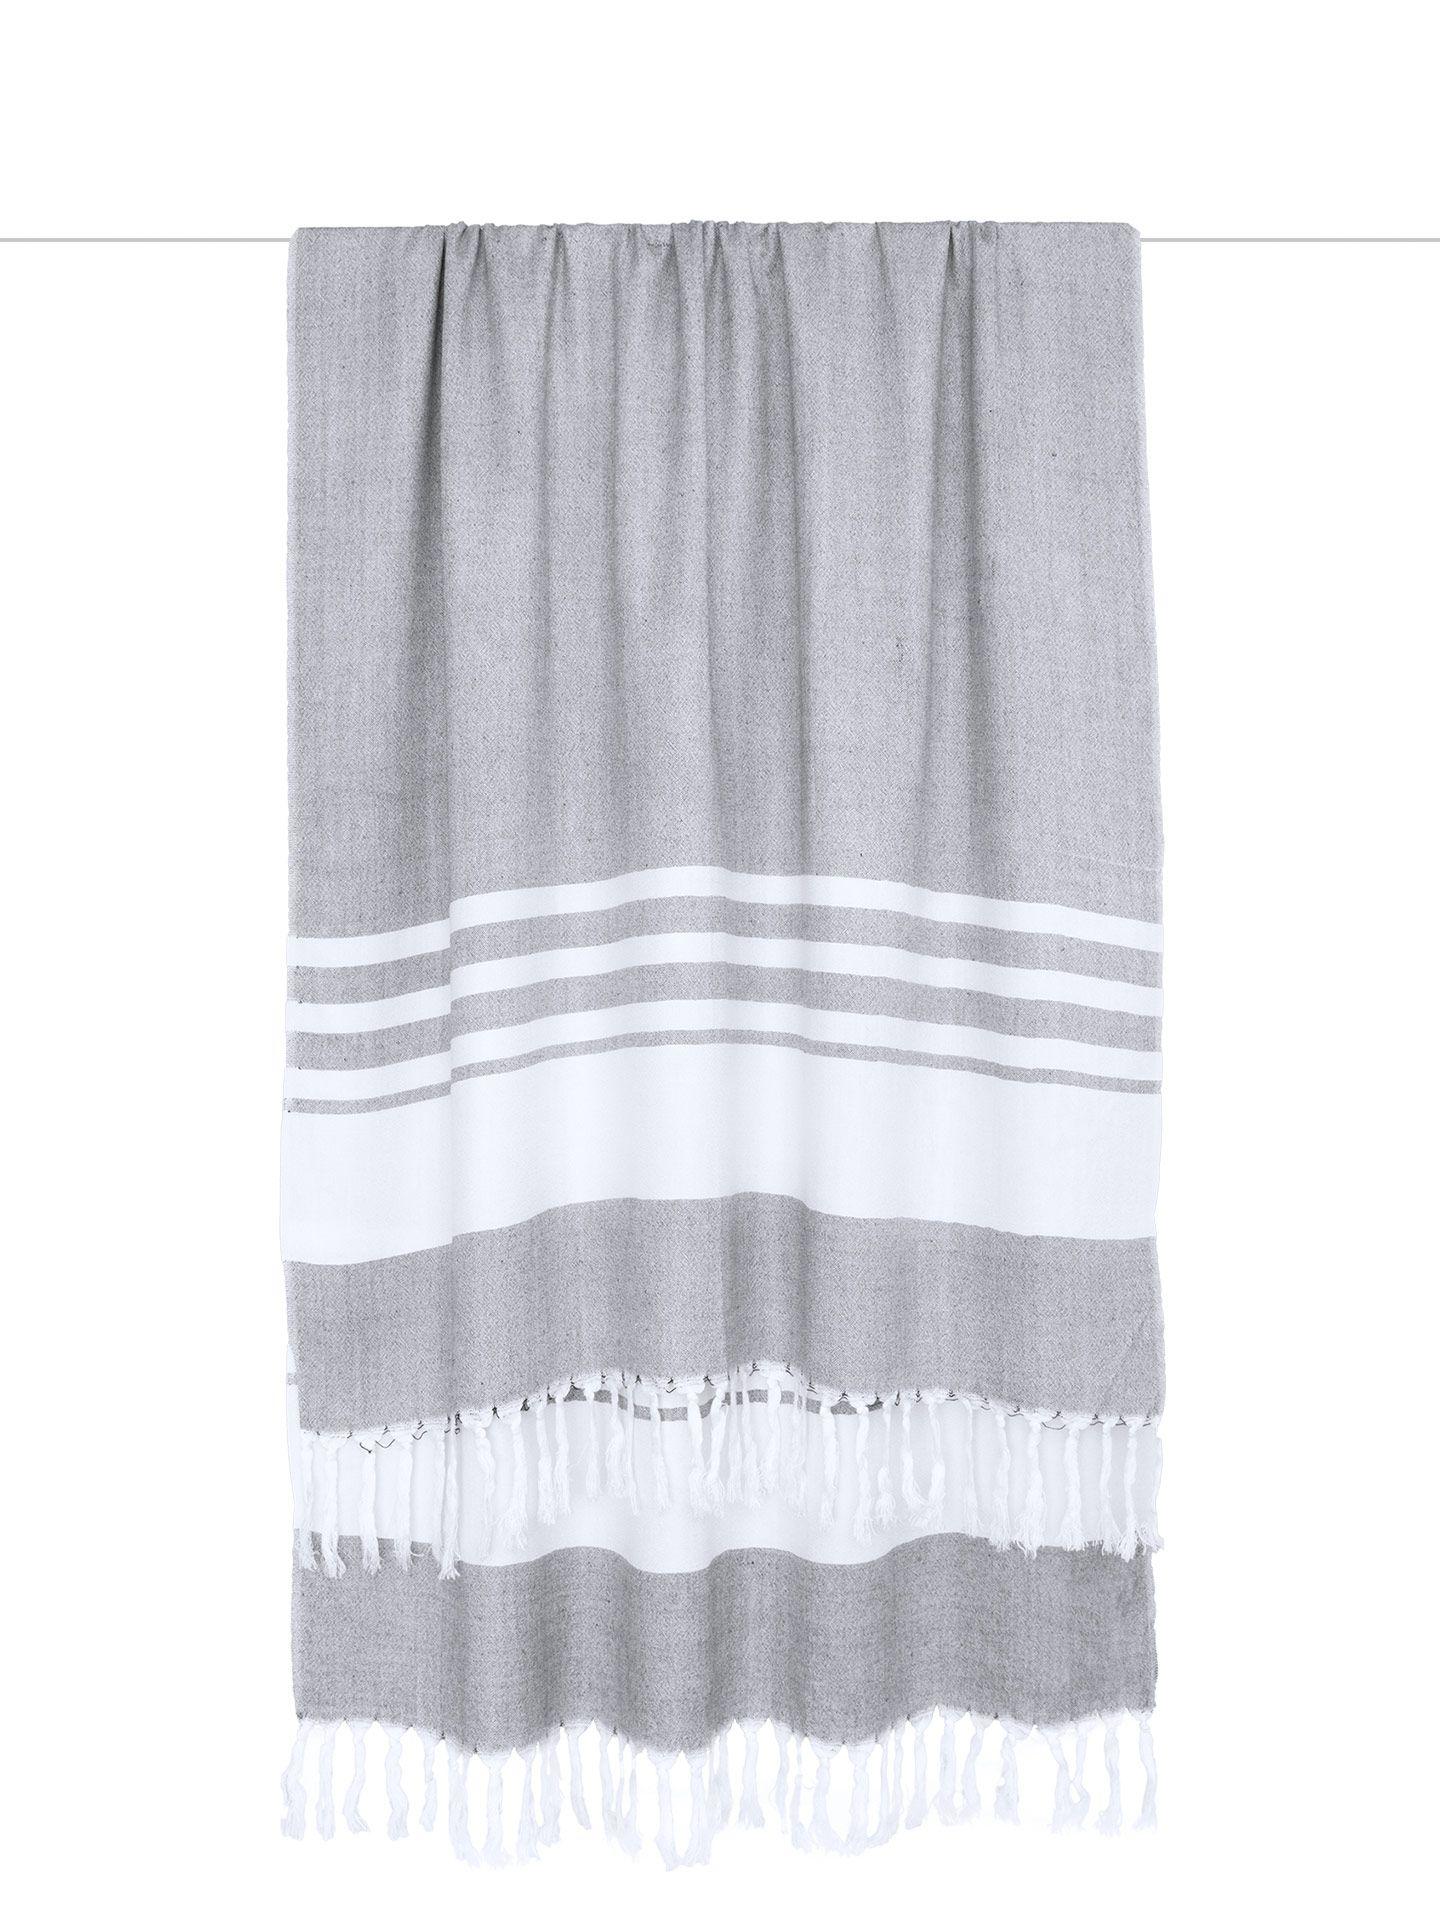 Indigo Turkish Towel Turkish Towels Towel Baby Towel